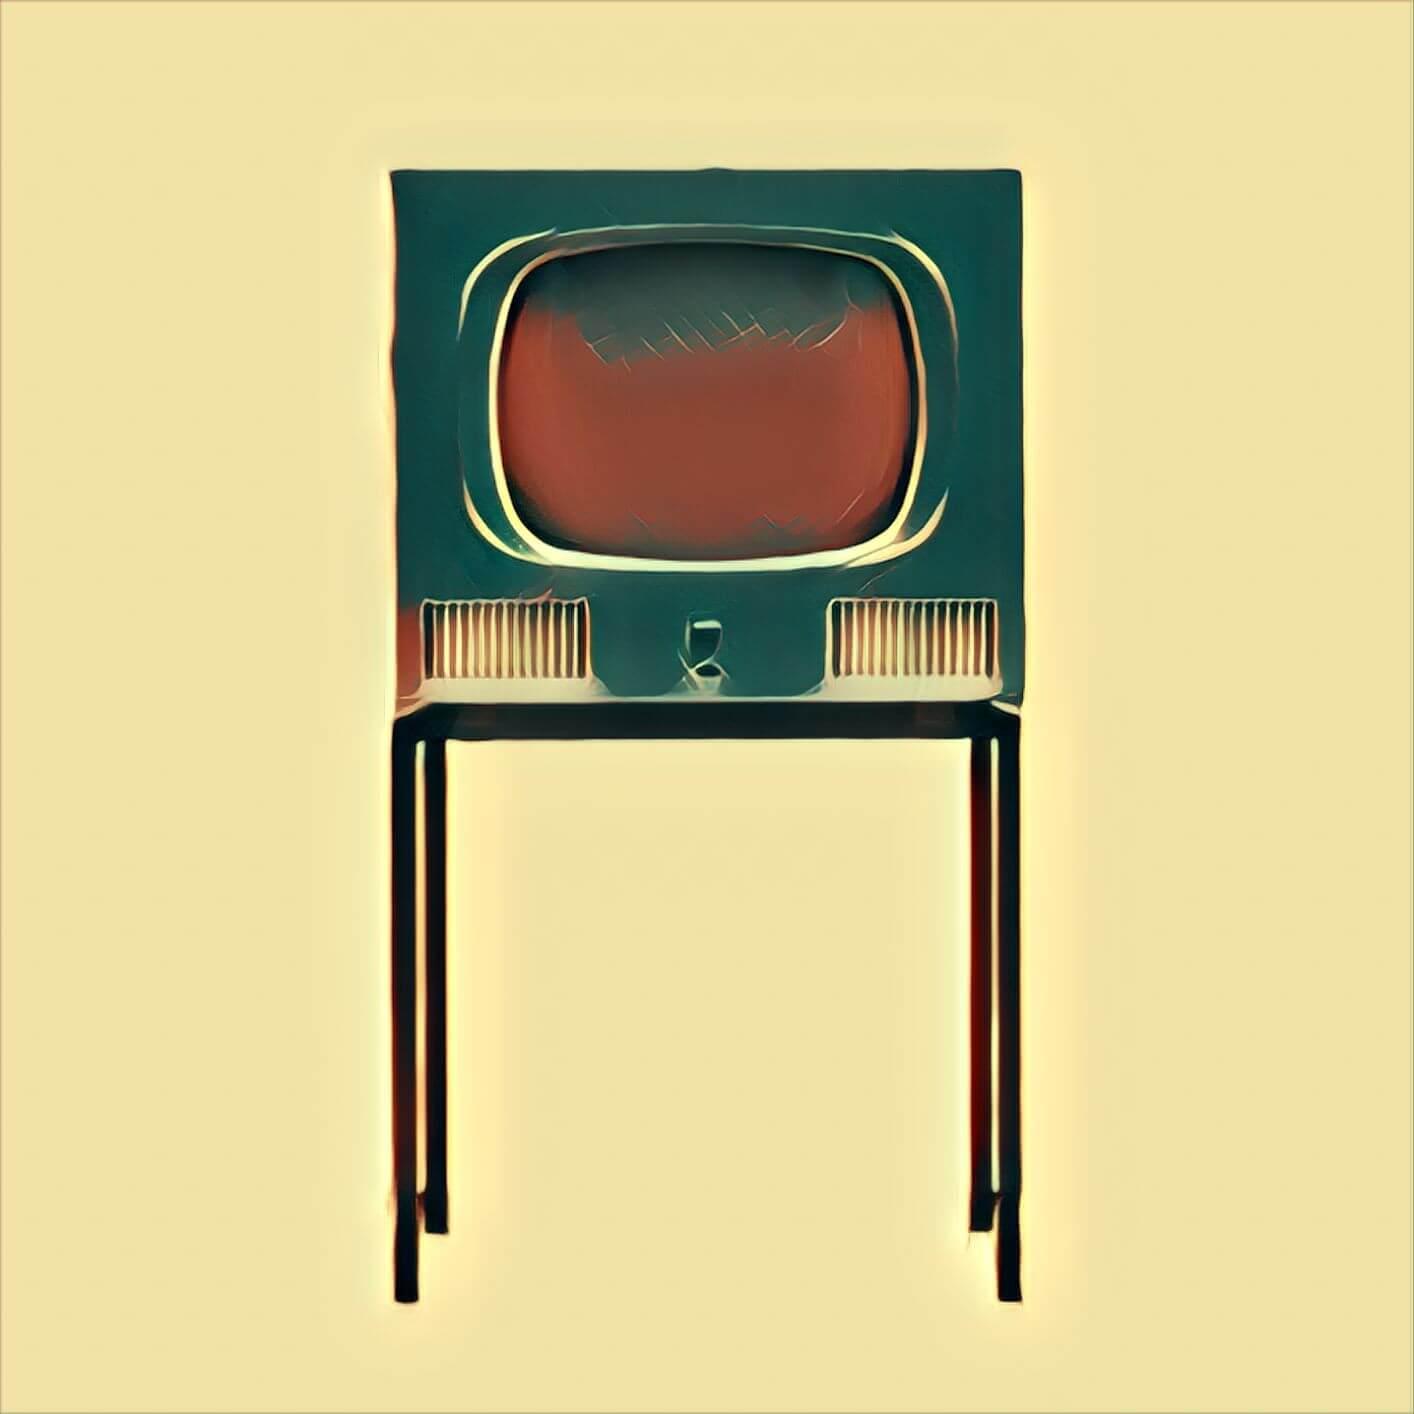 fernseher traum deutung. Black Bedroom Furniture Sets. Home Design Ideas